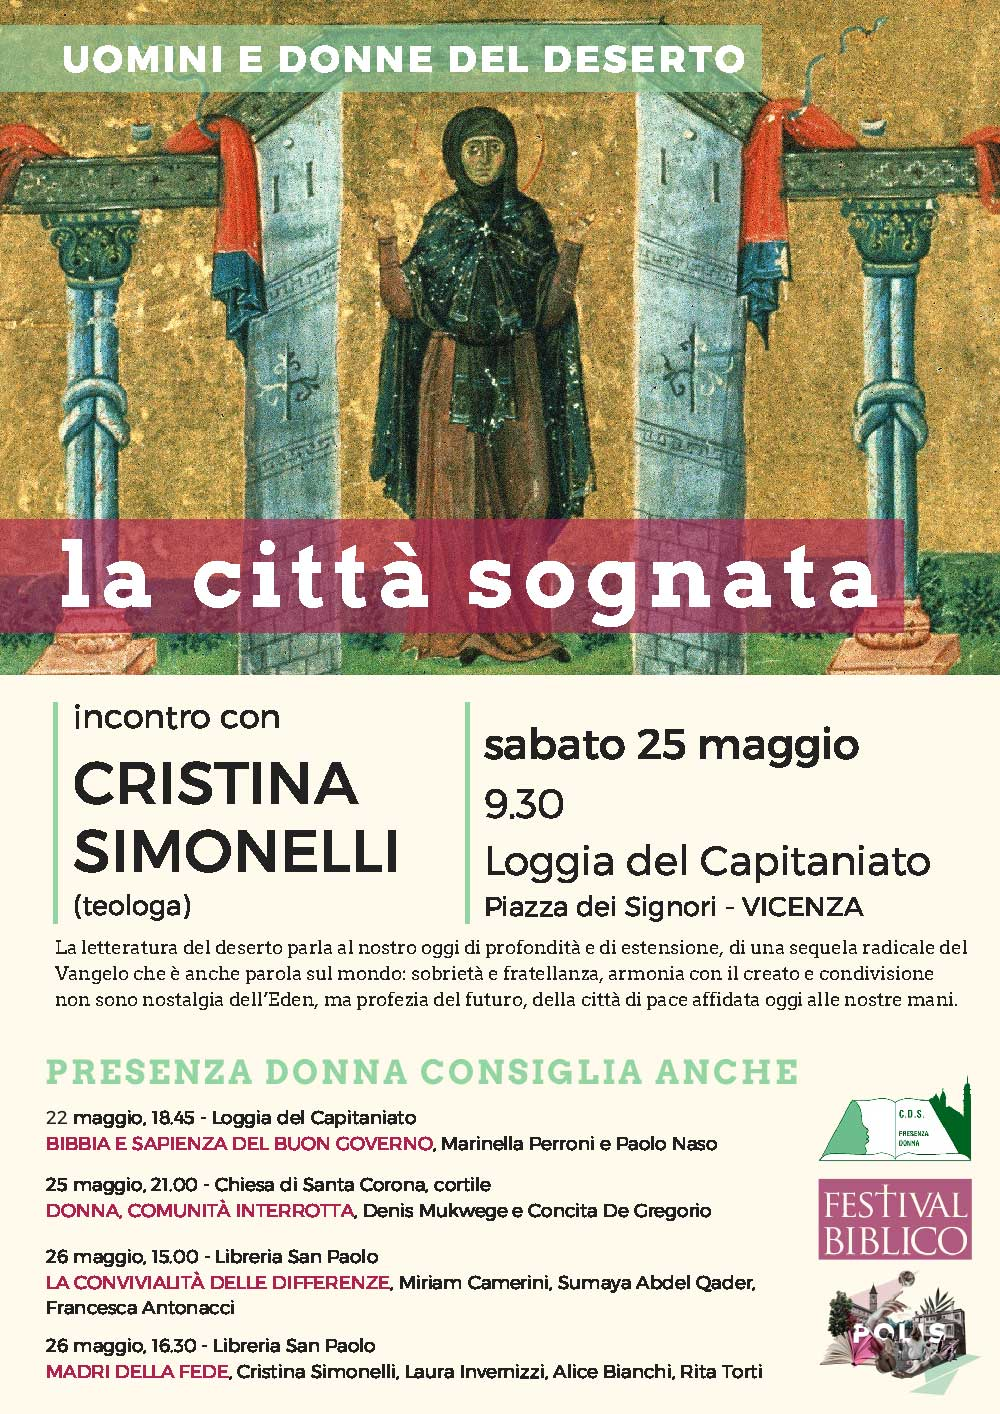 25.05.2019, VICENZA: La città sognata - incontro con Cristina Simonelli @ Loggia del Capitano